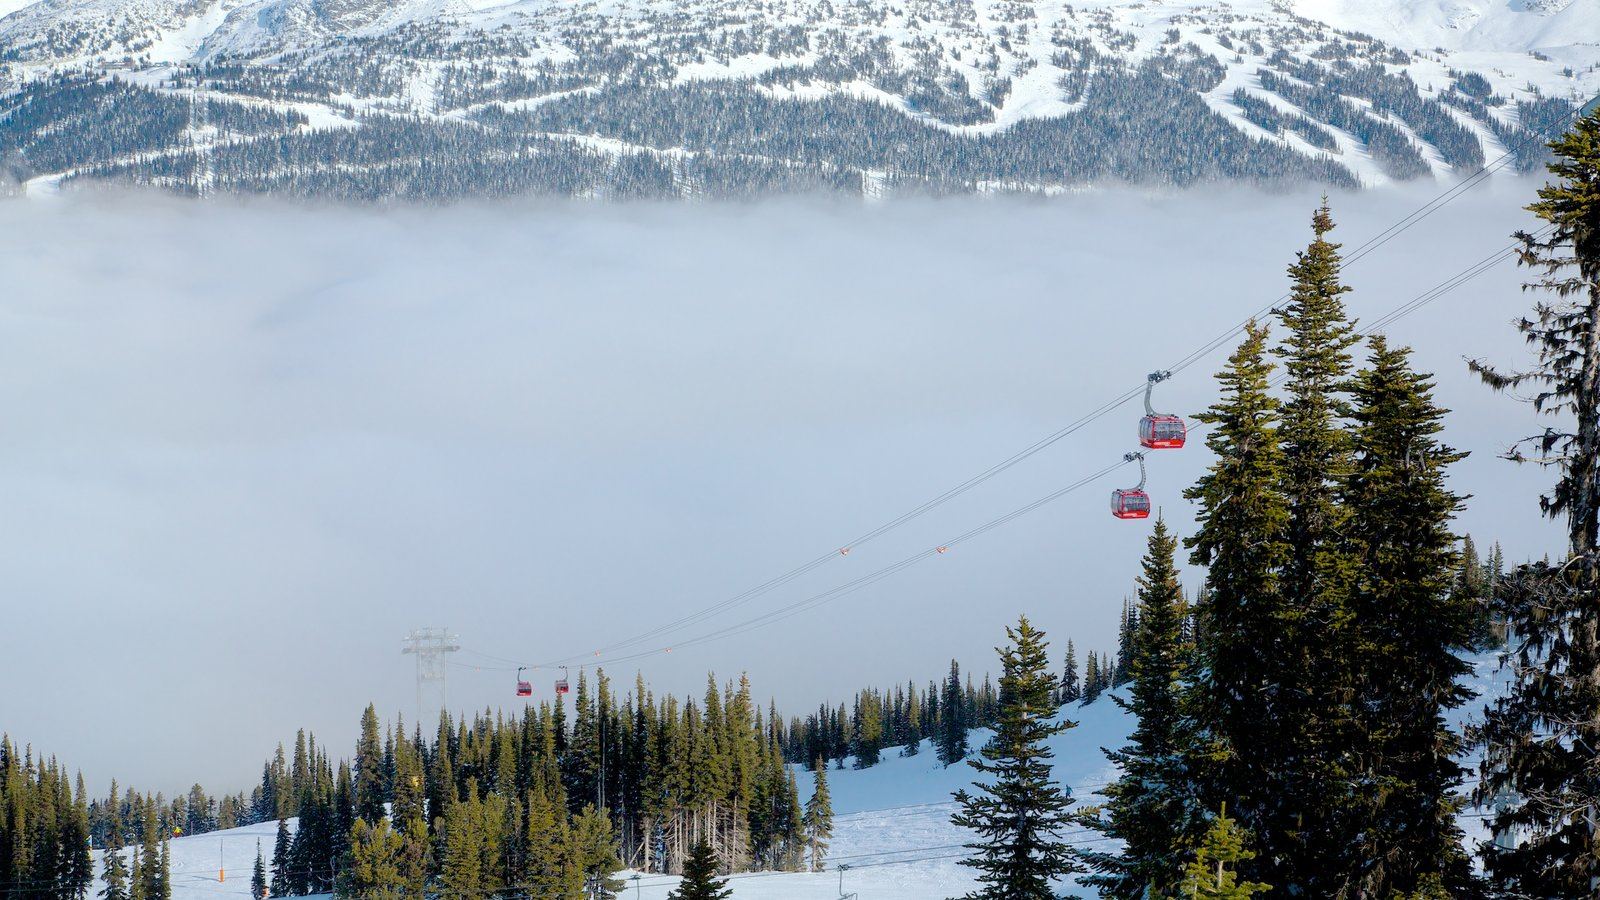 Teleférico Peak 2 Peak que incluye una góndola, montañas y neblina o niebla